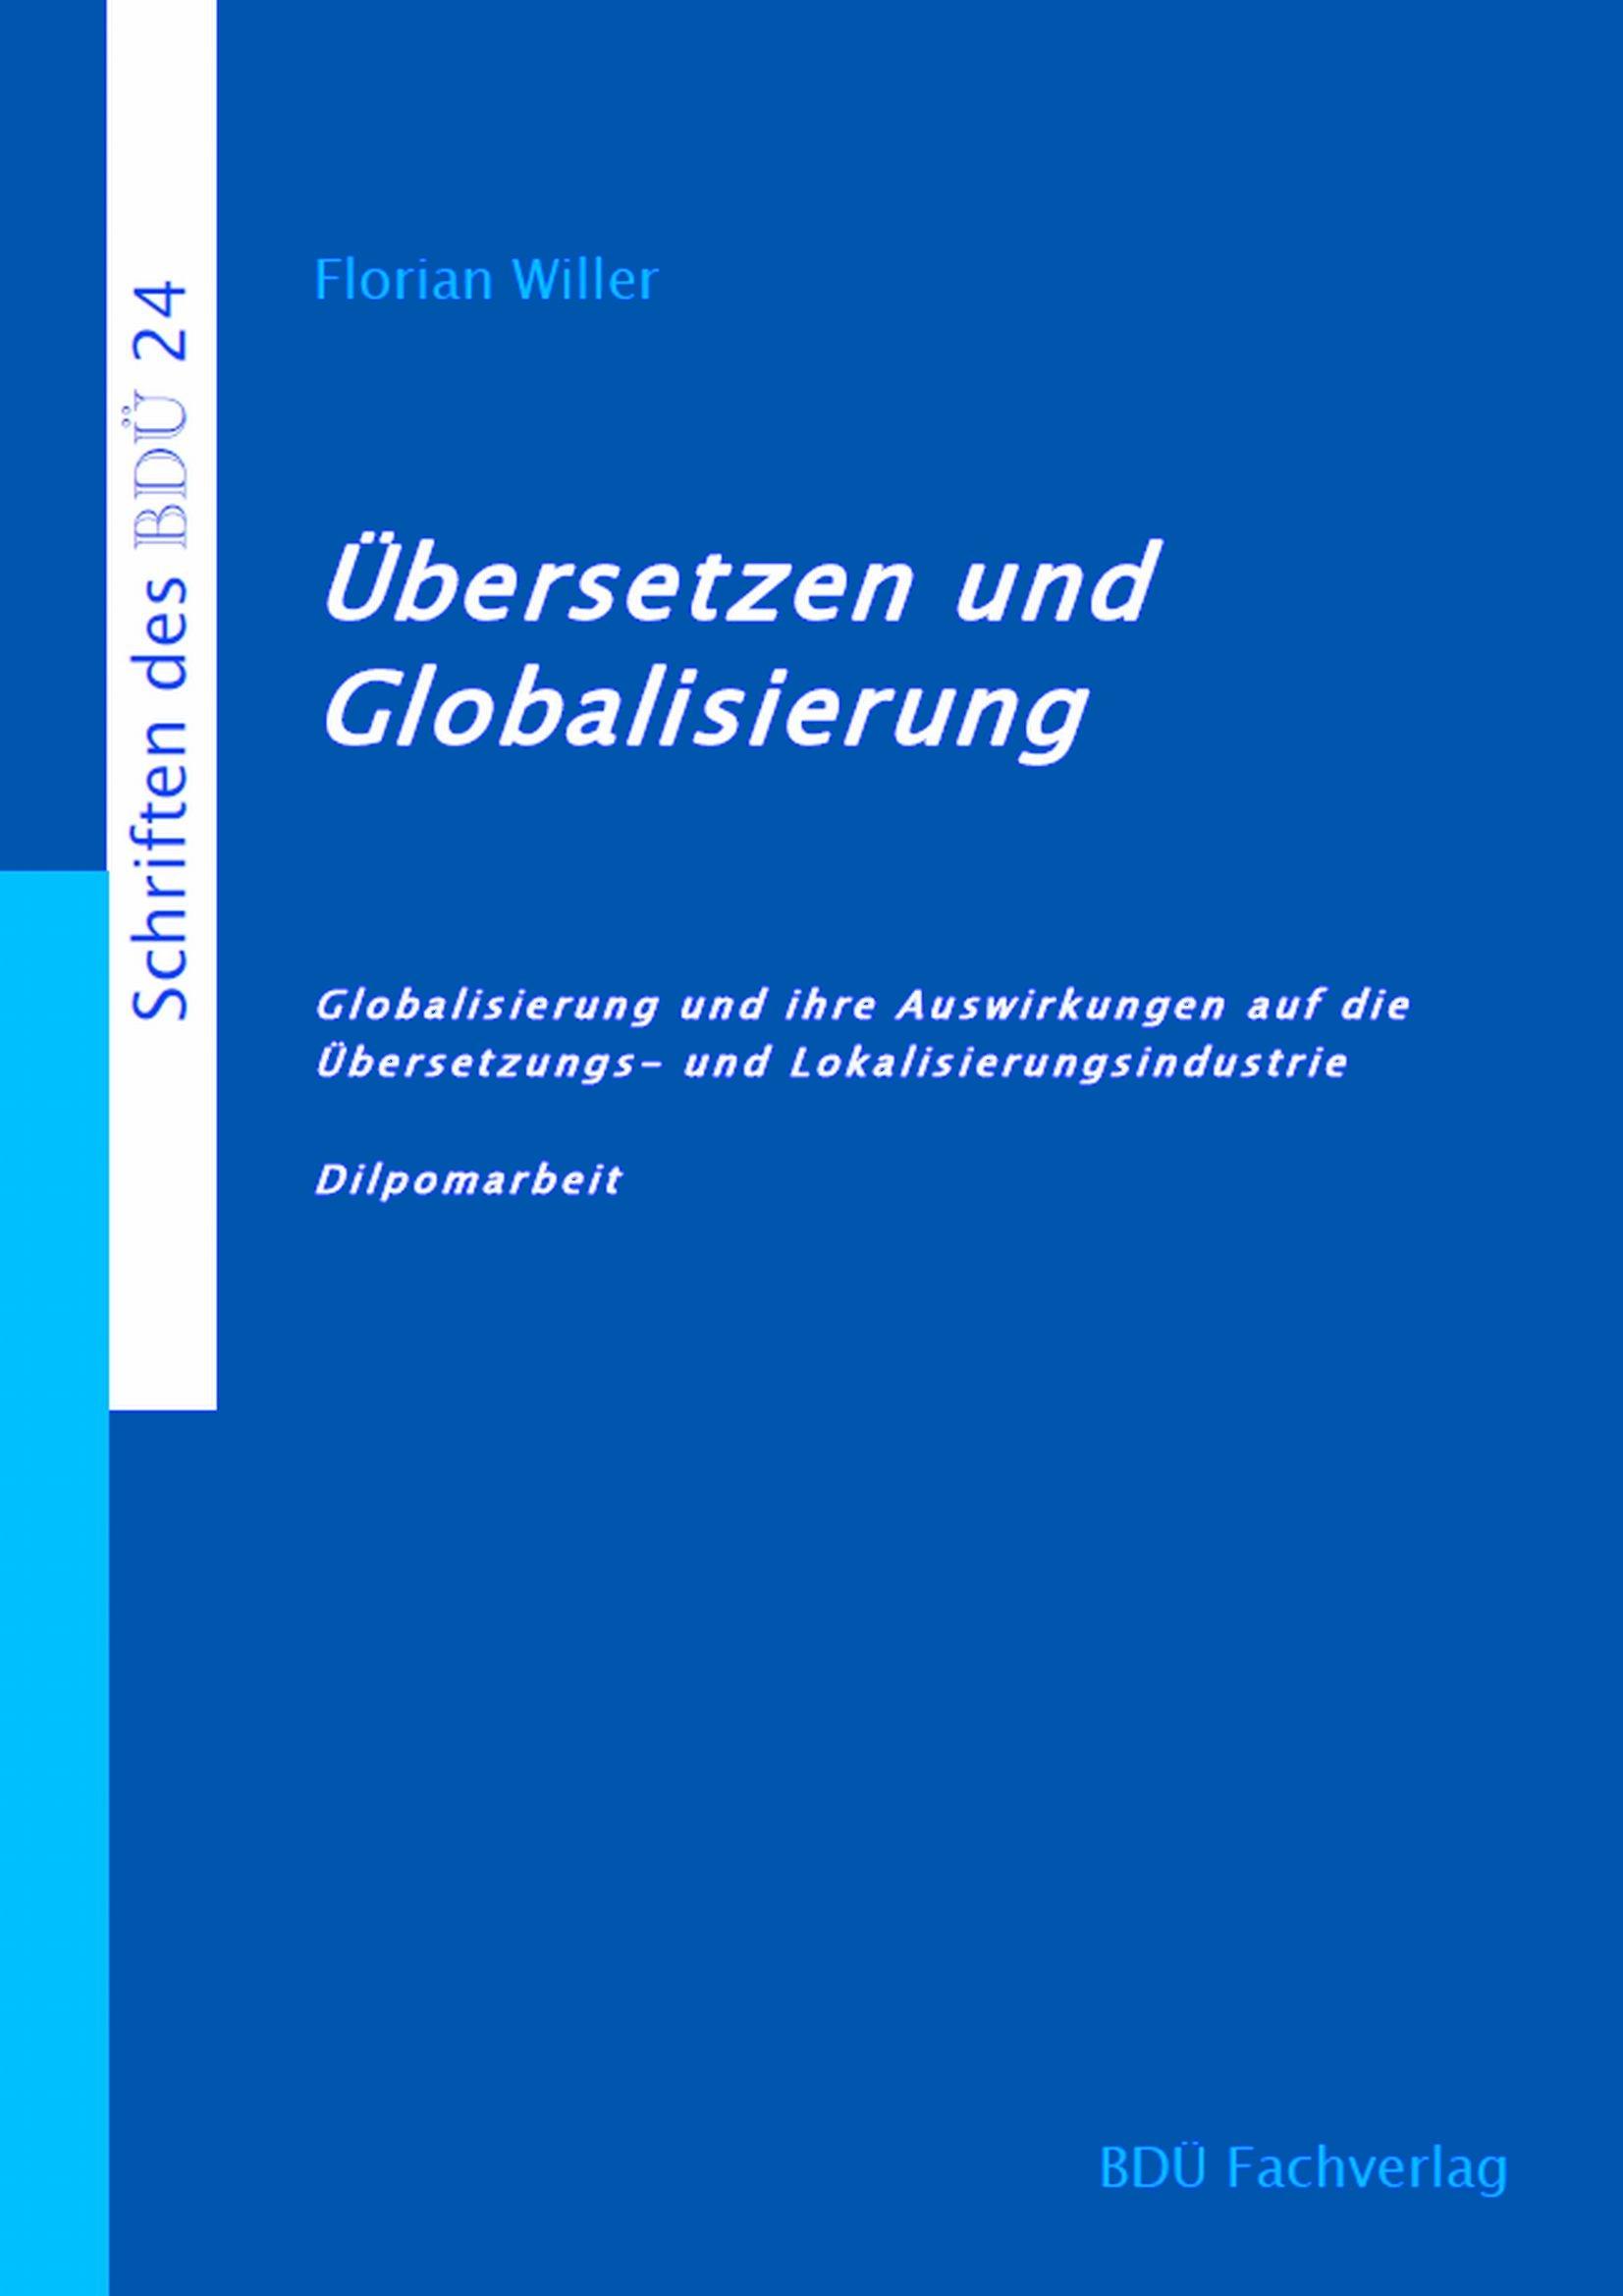 Übersetzen und Globalisierung